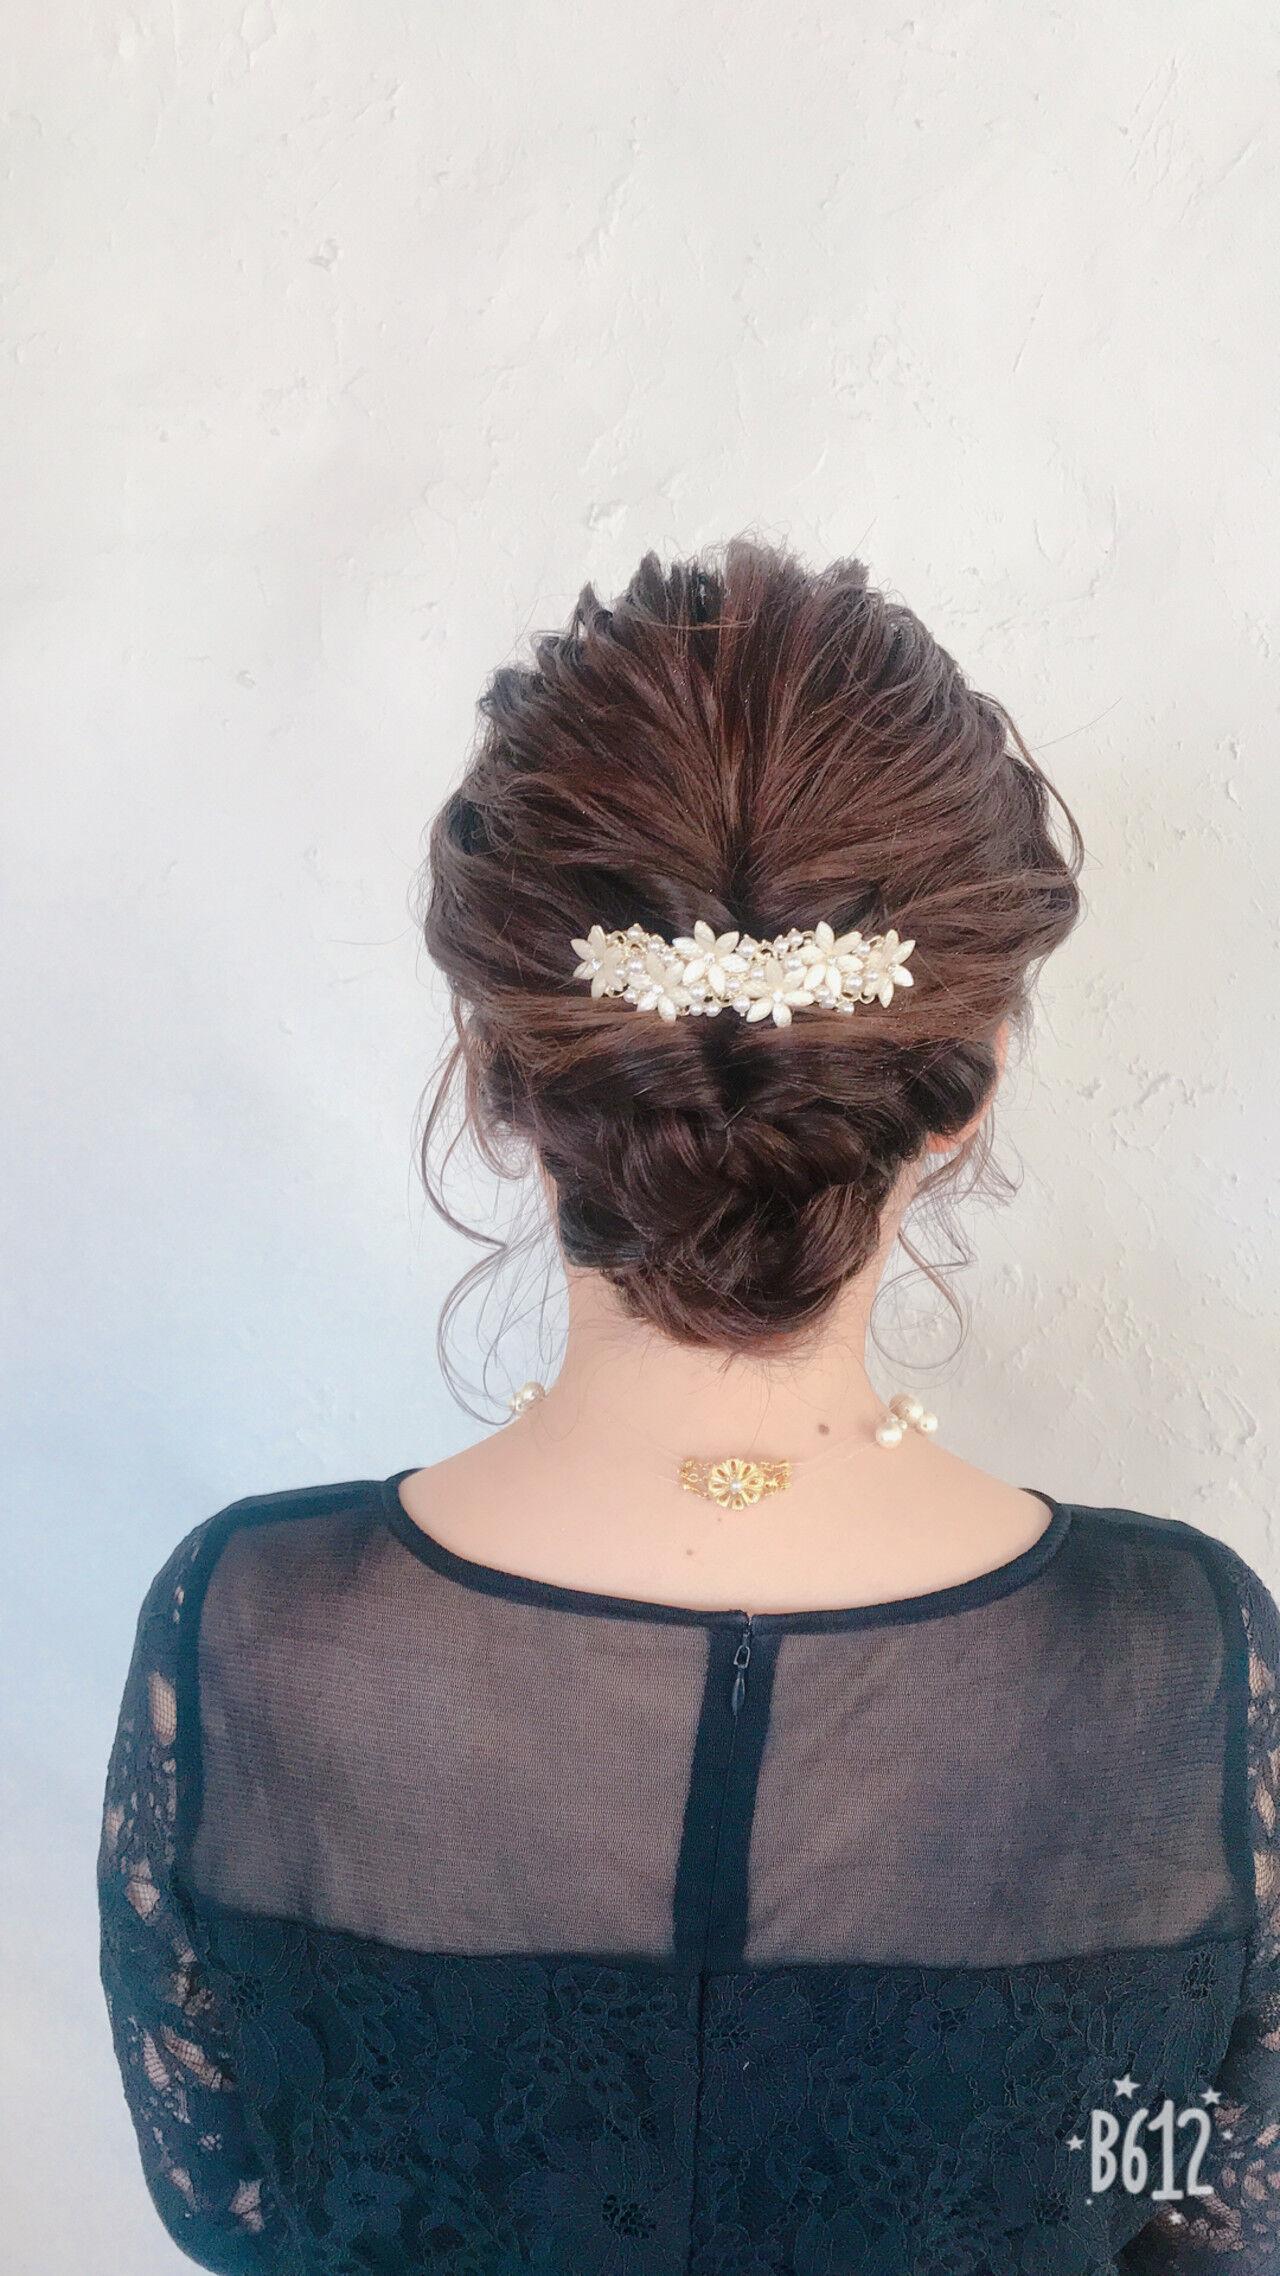 エレガント 成人式 簡単ヘアアレンジ デートヘアスタイルや髪型の写真・画像